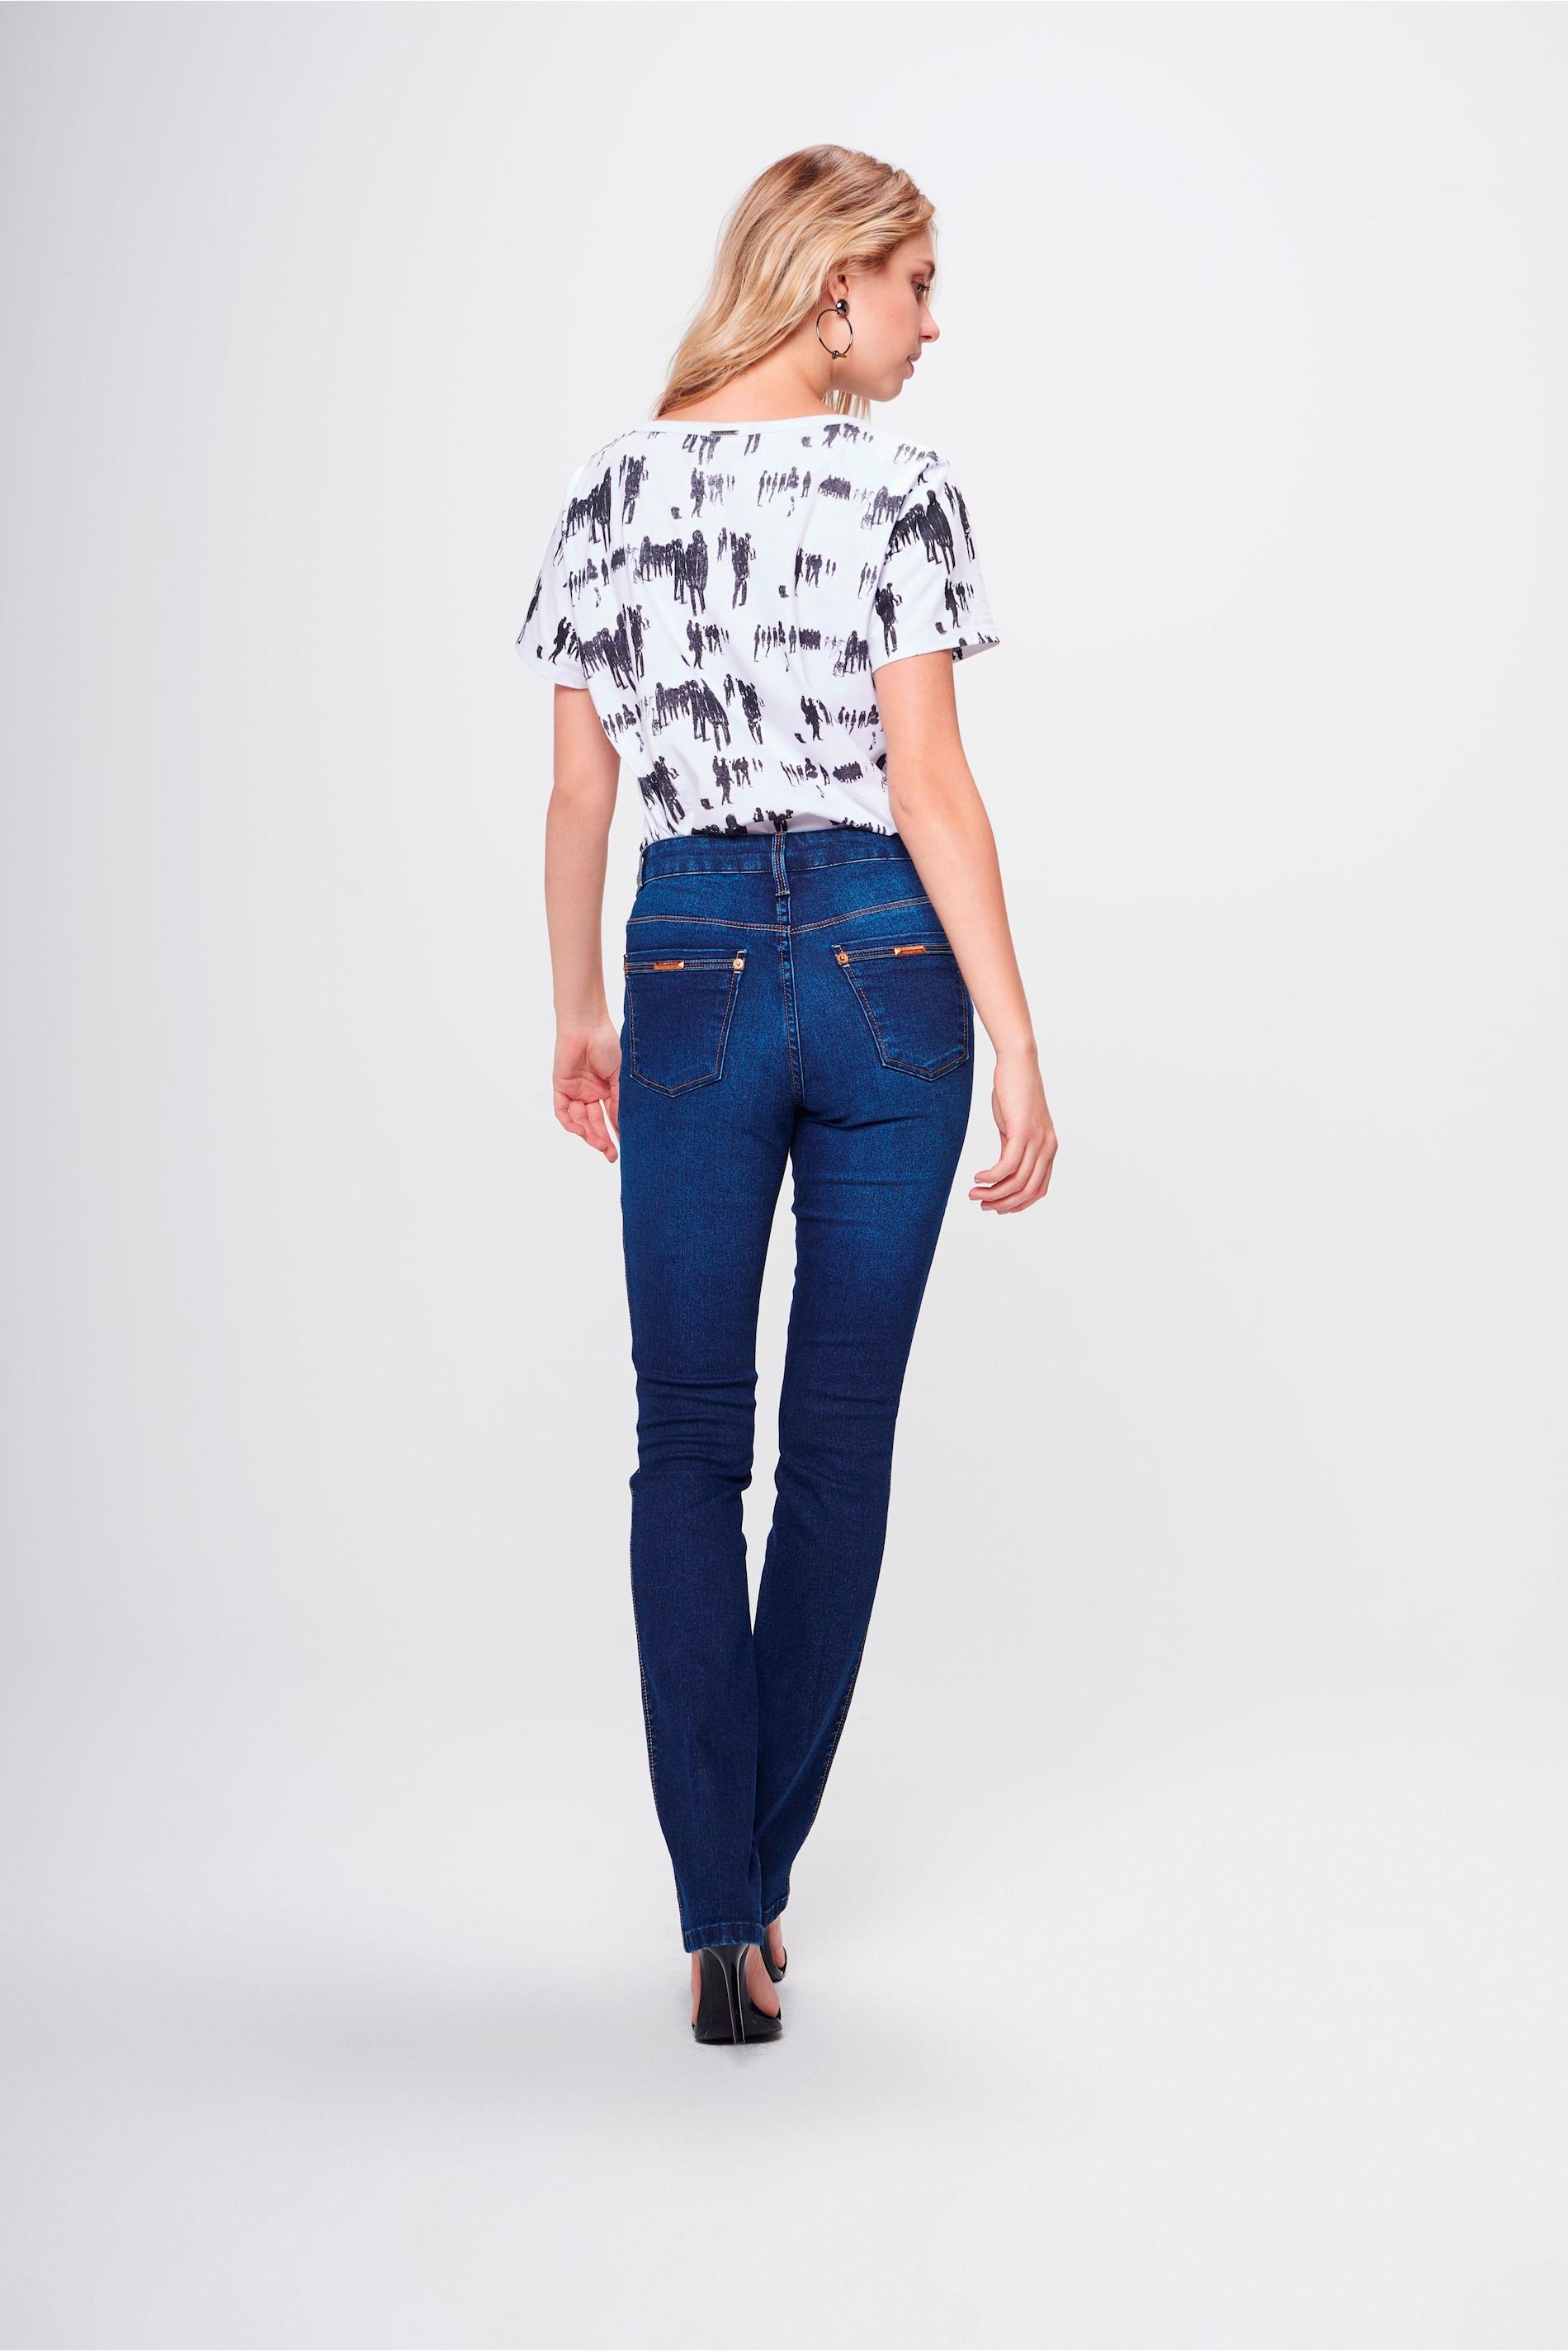 d8e1c6344 Calça Jeans Reta Básica Feminina - Damyller